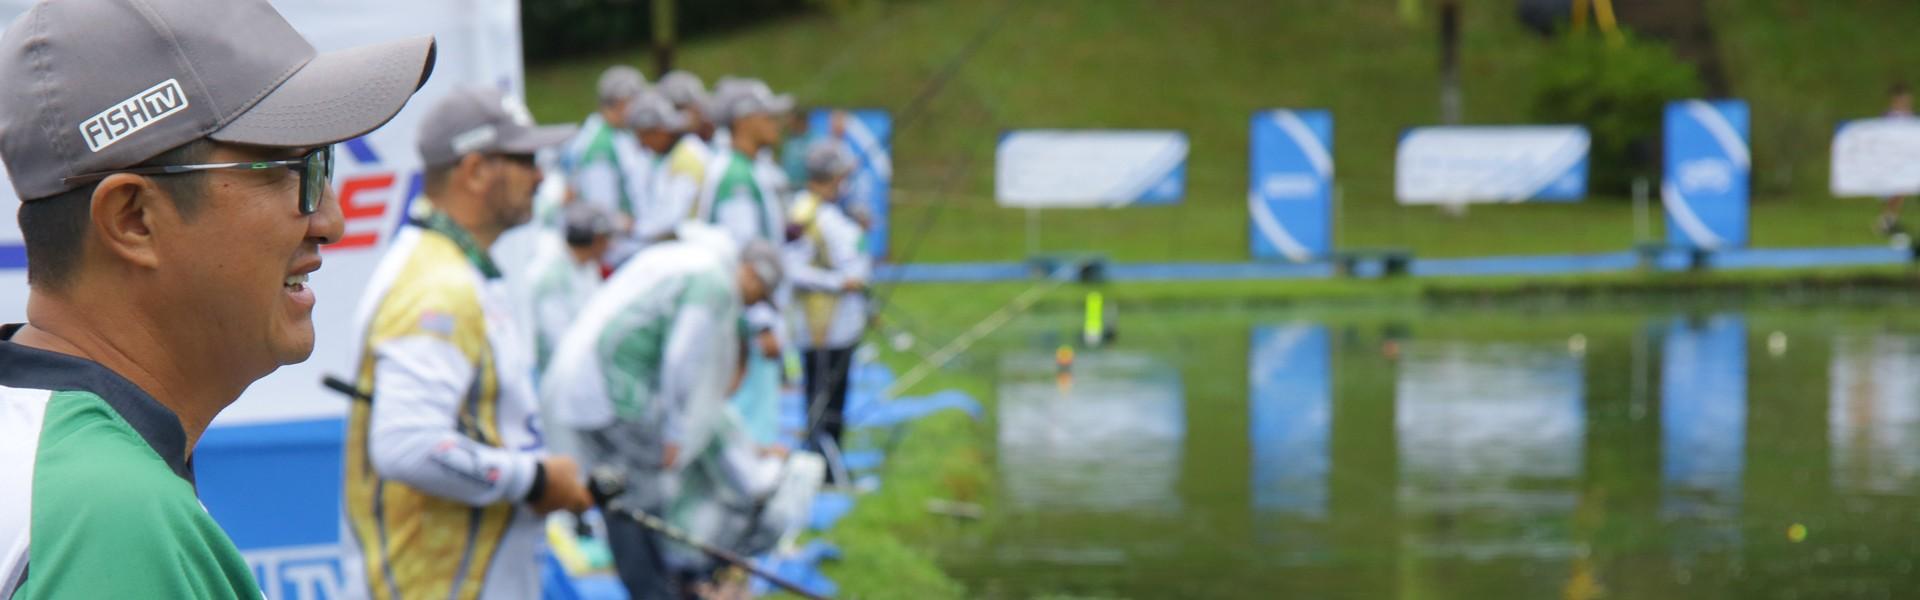 Arena do Campeonato Catarinense em Pesqueiros abre para os treinos dos competidores